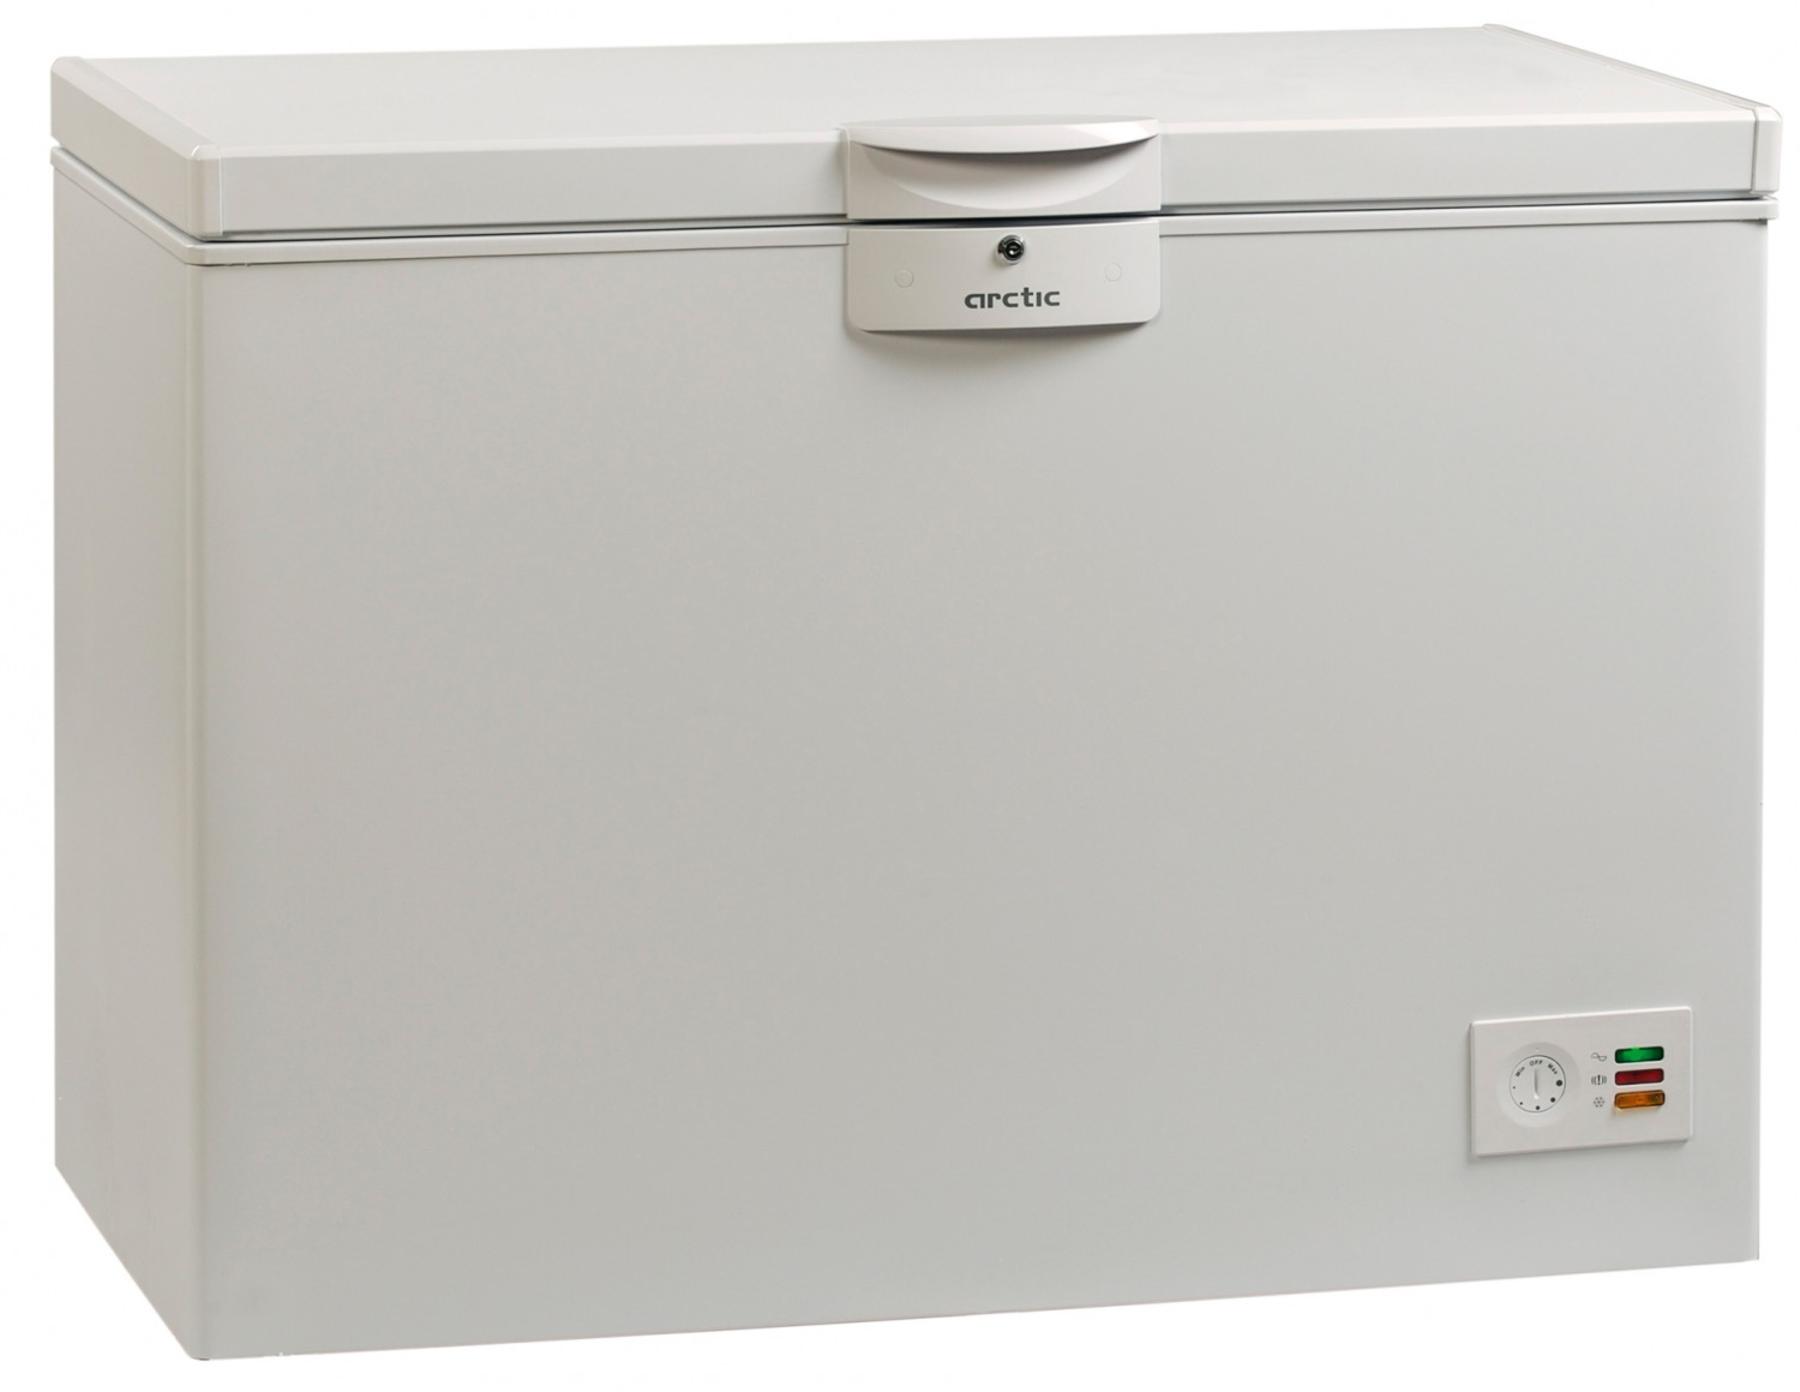 Lada frigorifica Arctic O30+, 298 l, Clasa A+, L 110.1 cm, Alb